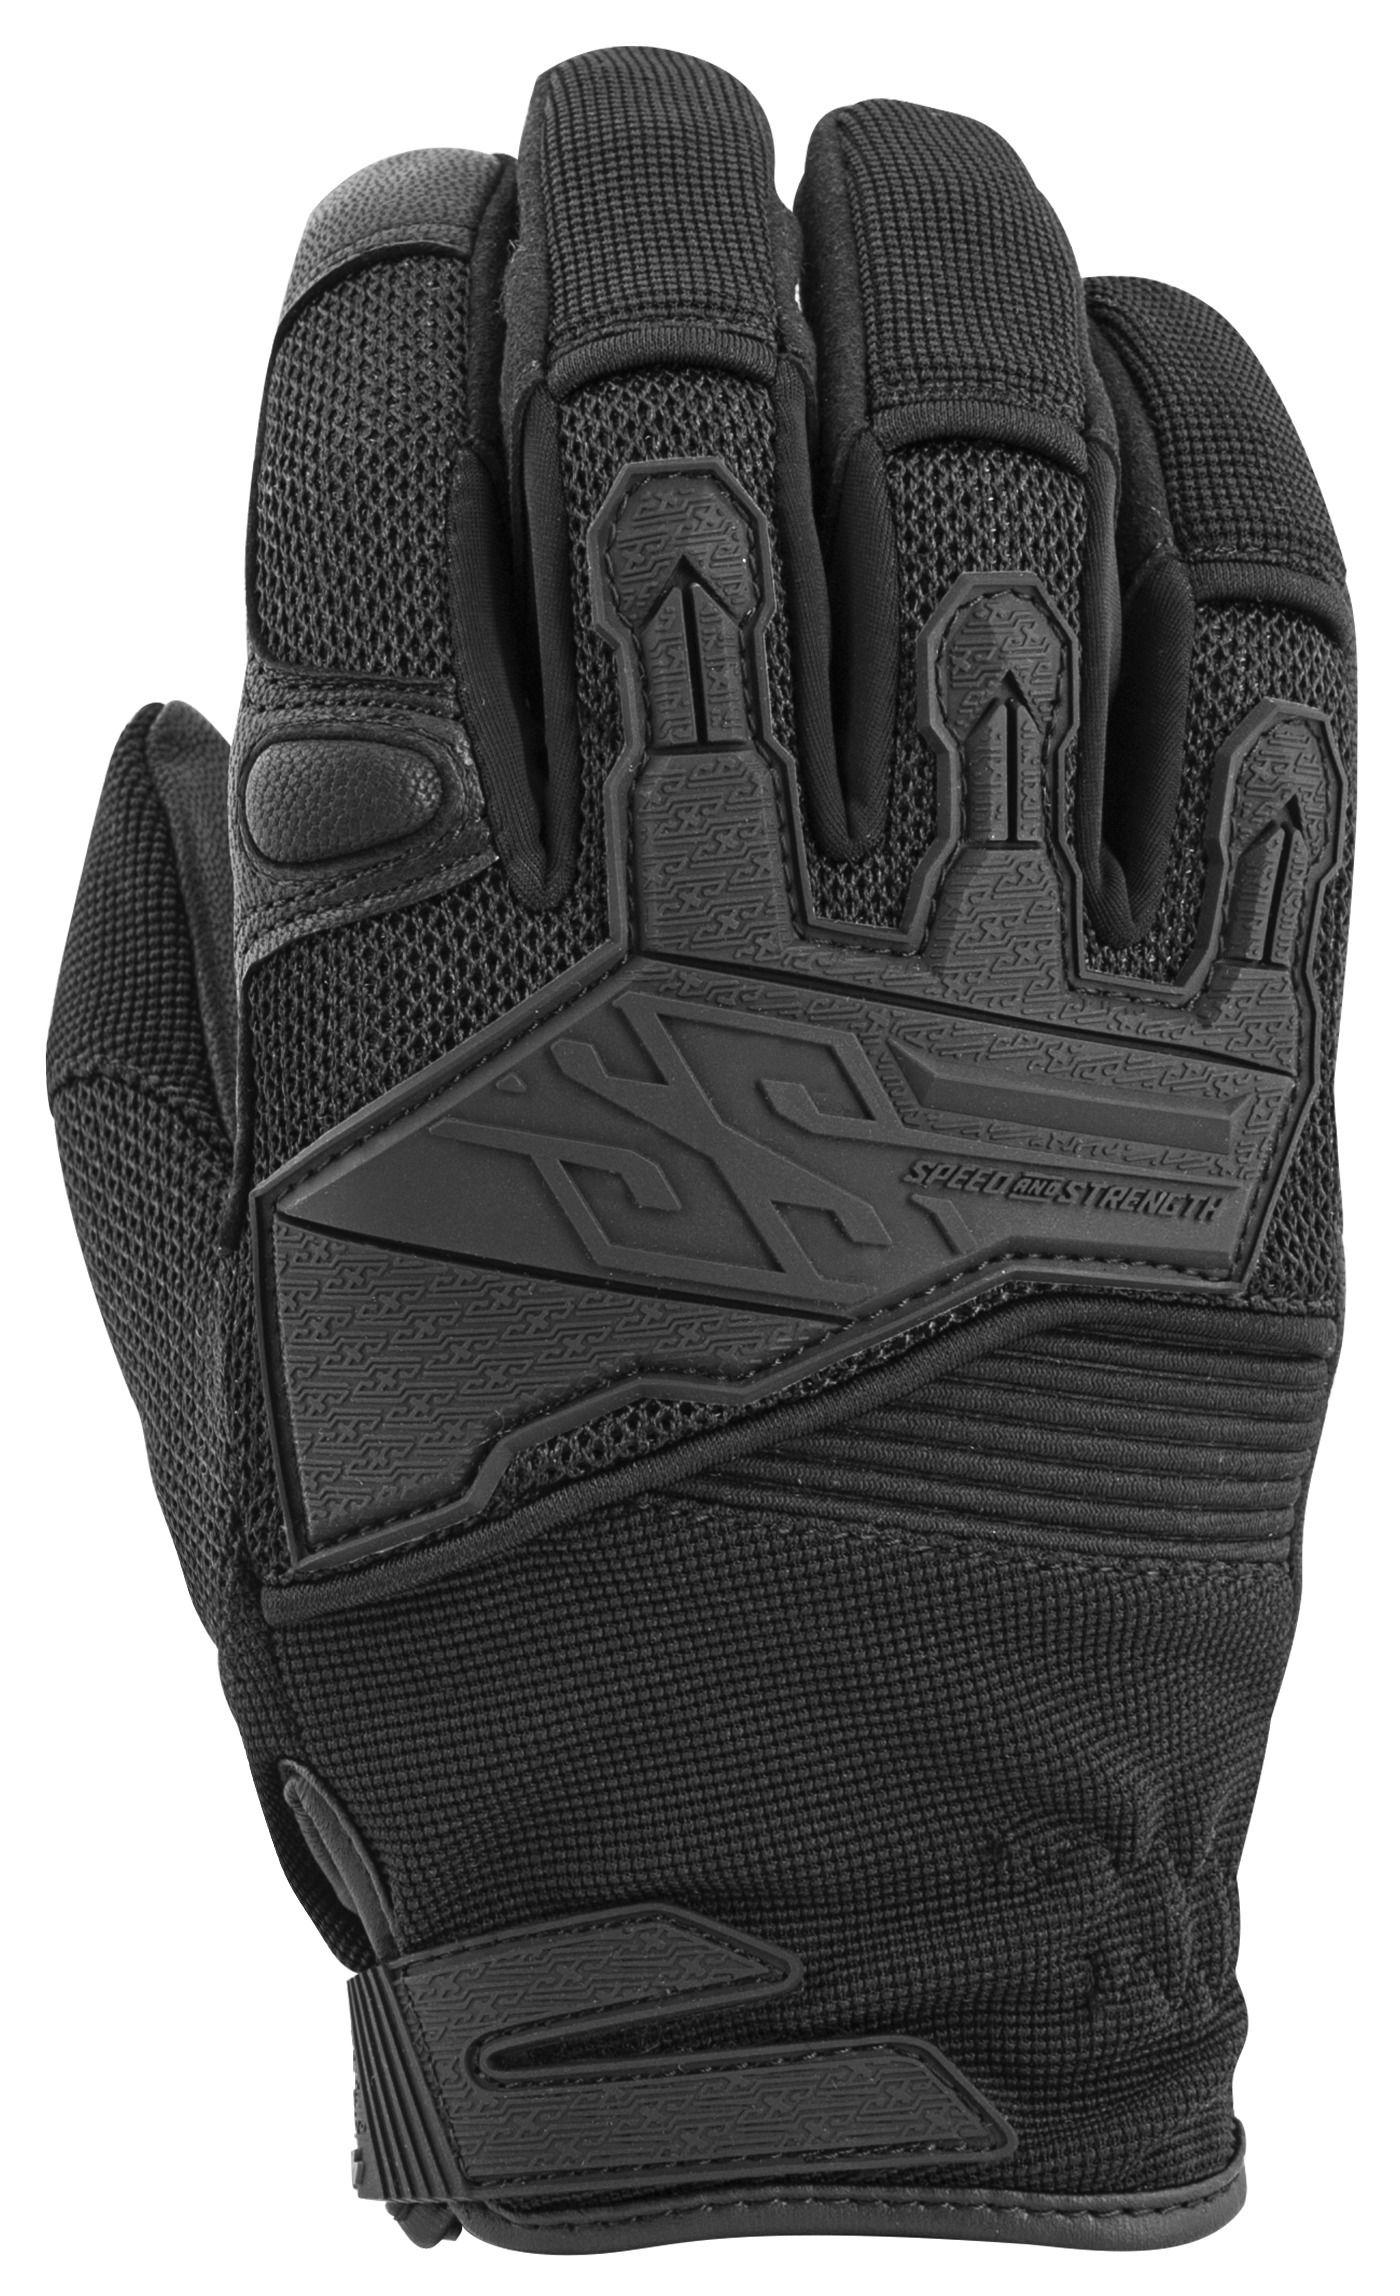 Black hammer gloves - Black Hammer Gloves 8